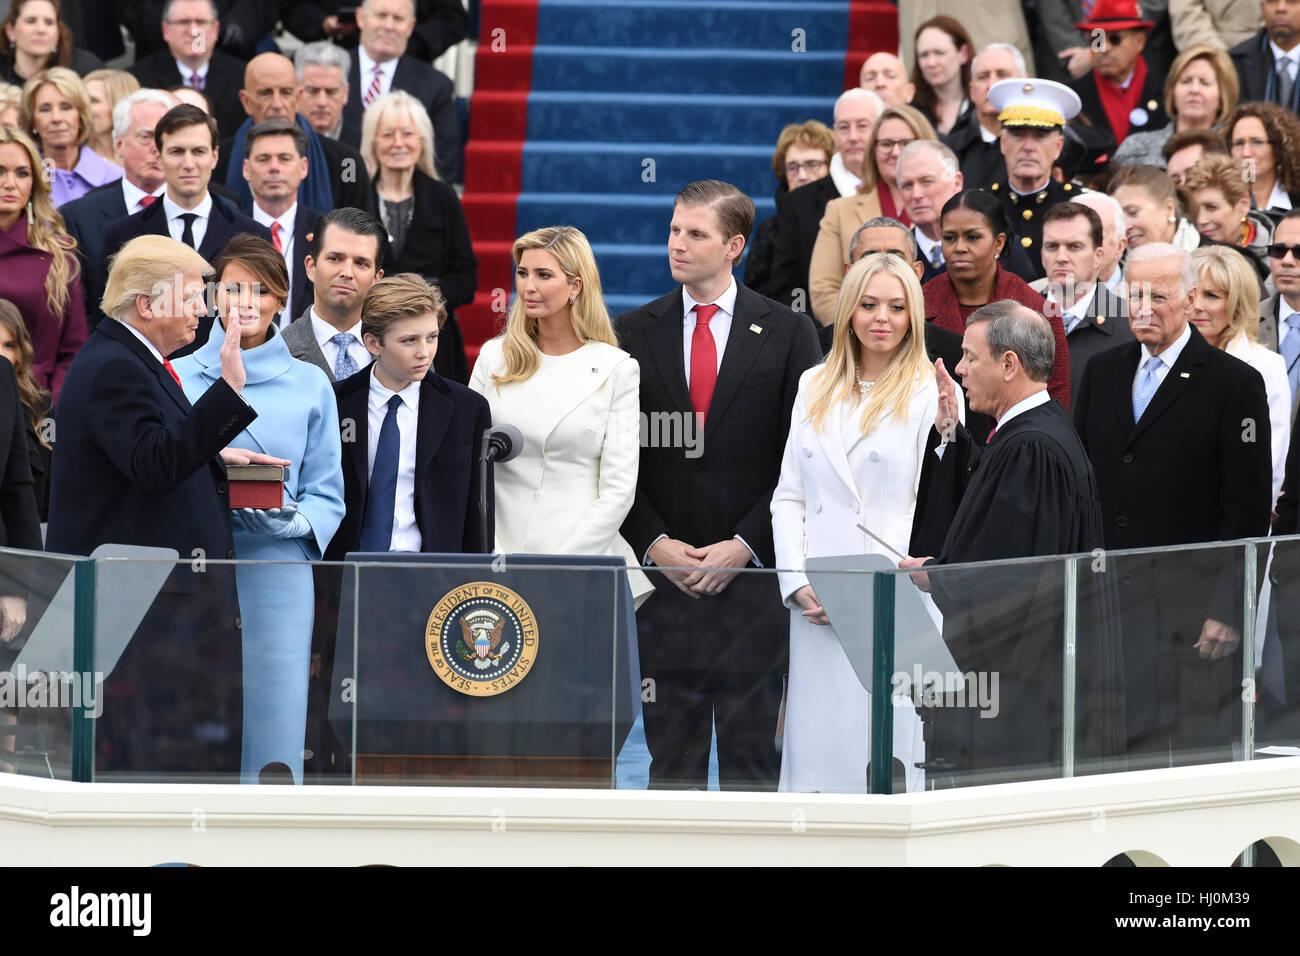 Le président Donald J. Trump prête le serment d'office du juge en chef John Roberts lors de son investiture Photo Stock